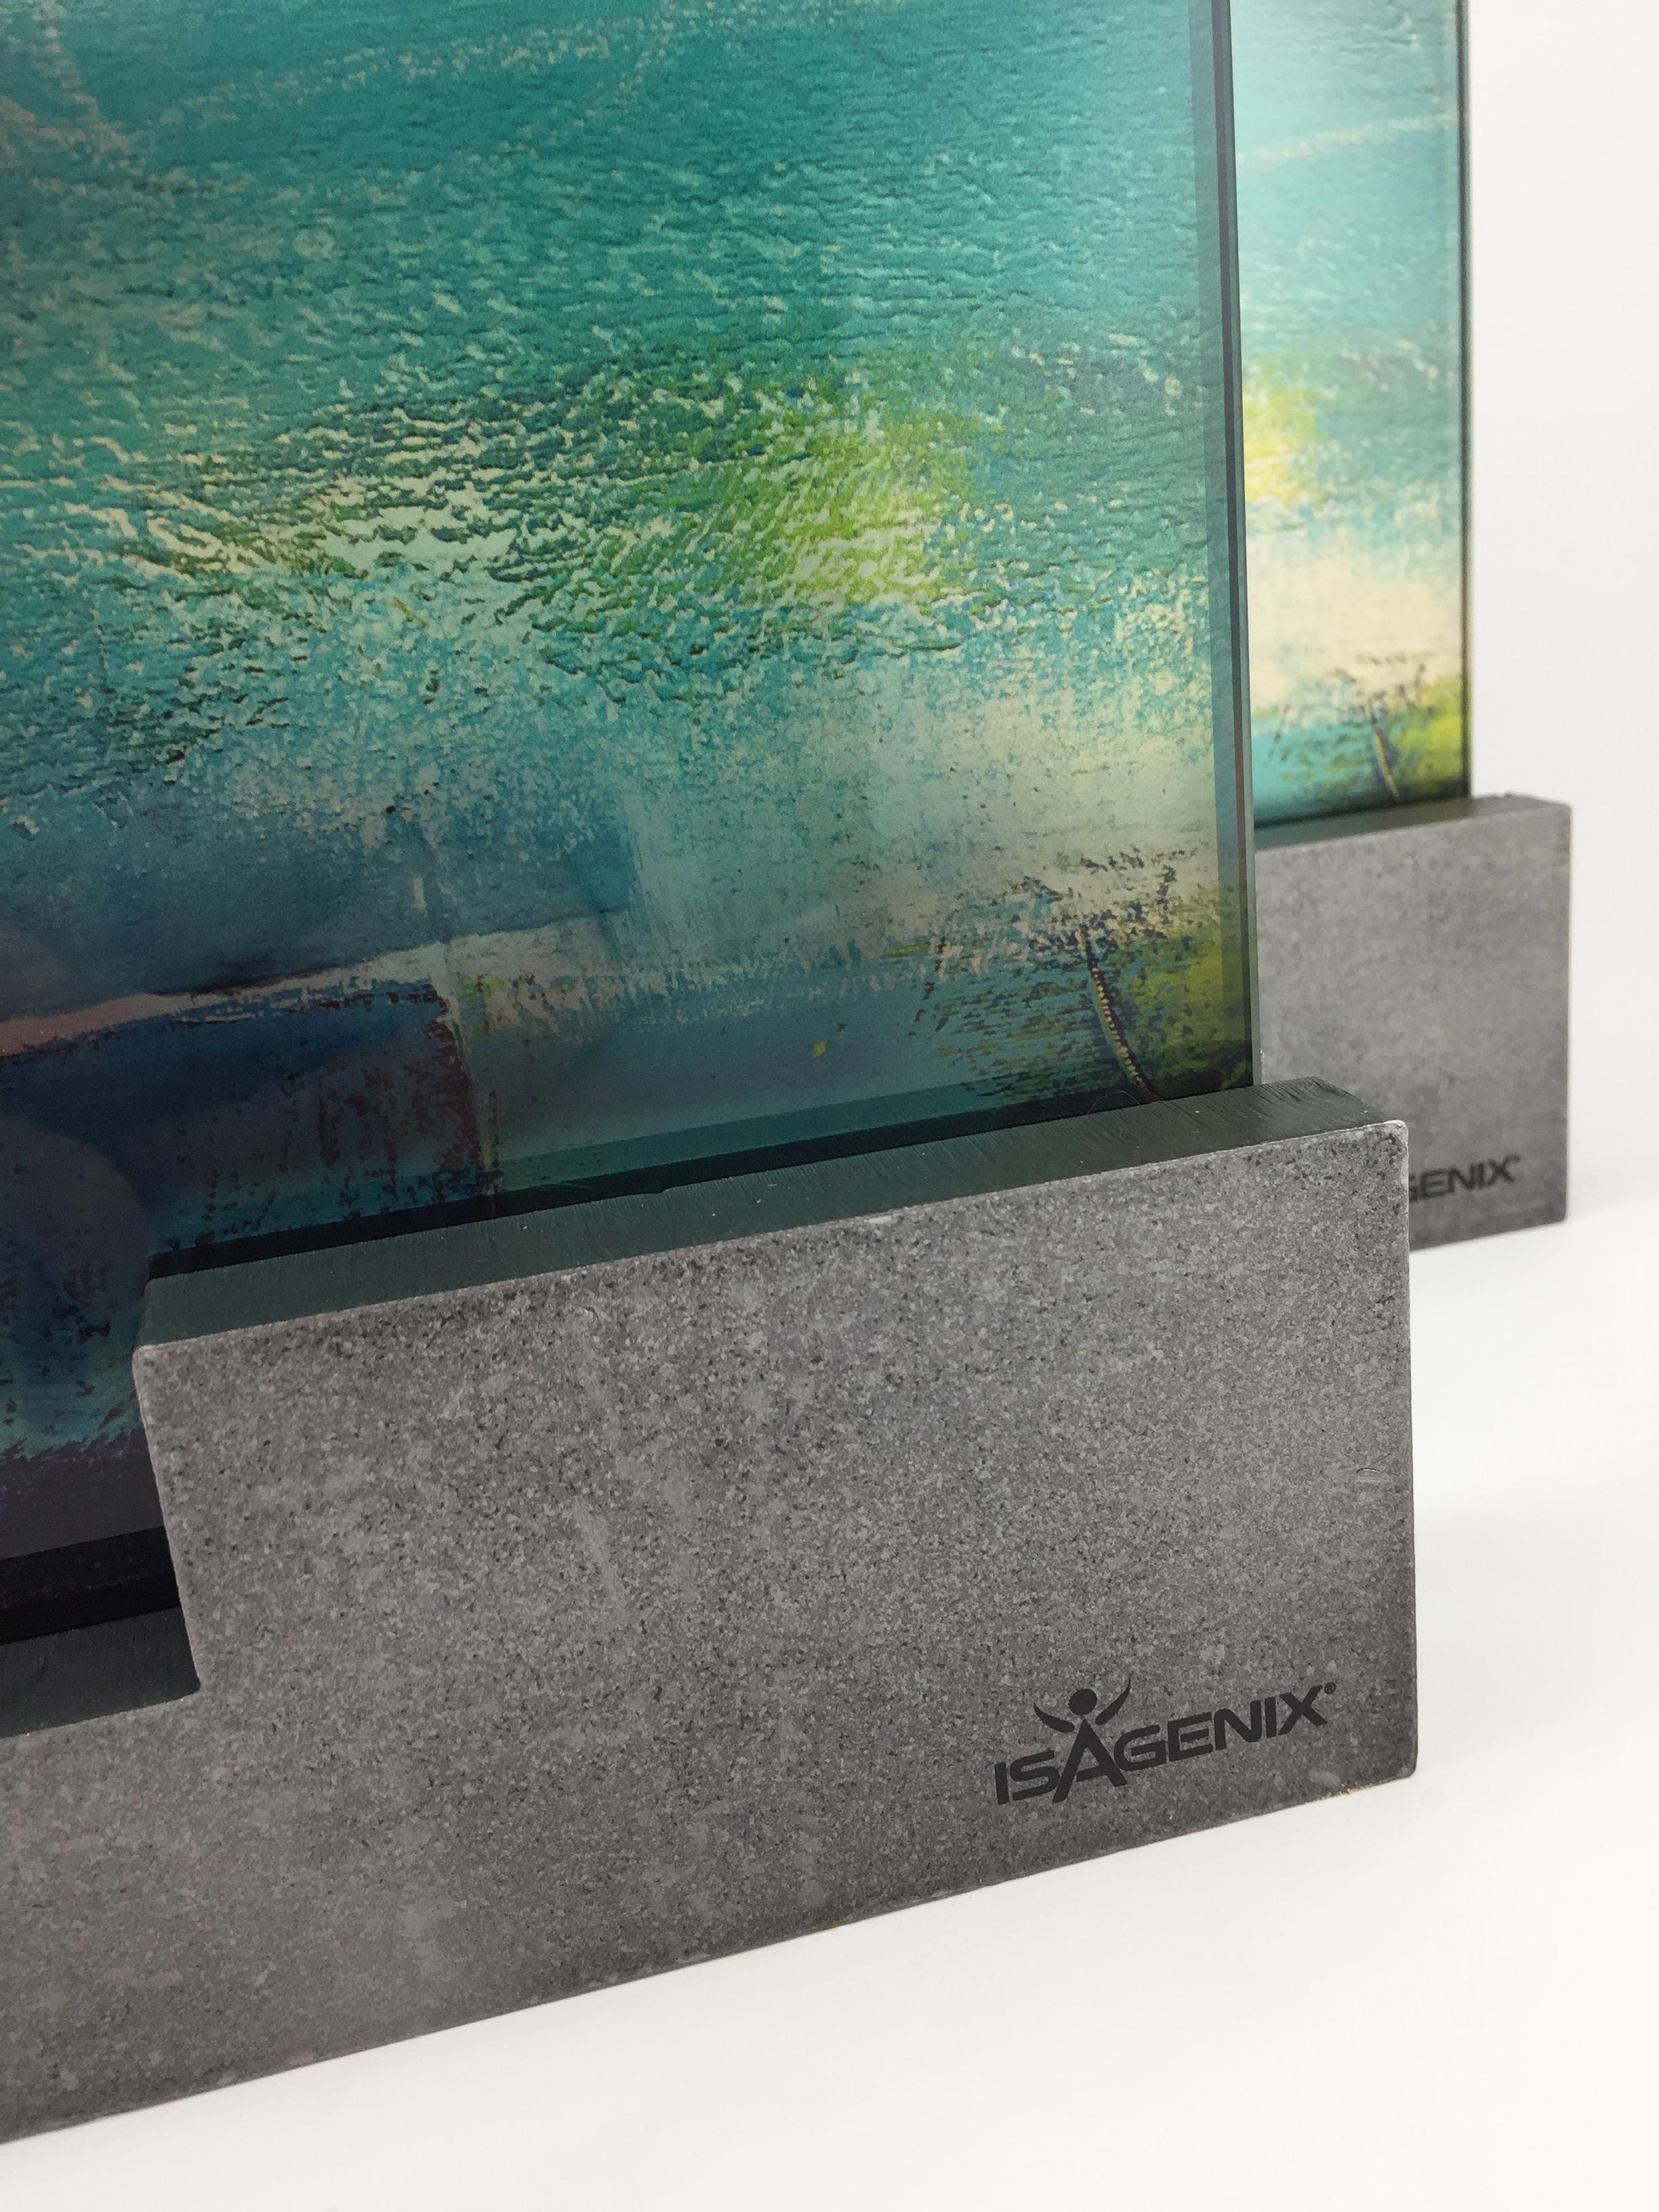 isagenix-millionaires-metal-glass-art-trophy-awards-sculpture-02.jpg